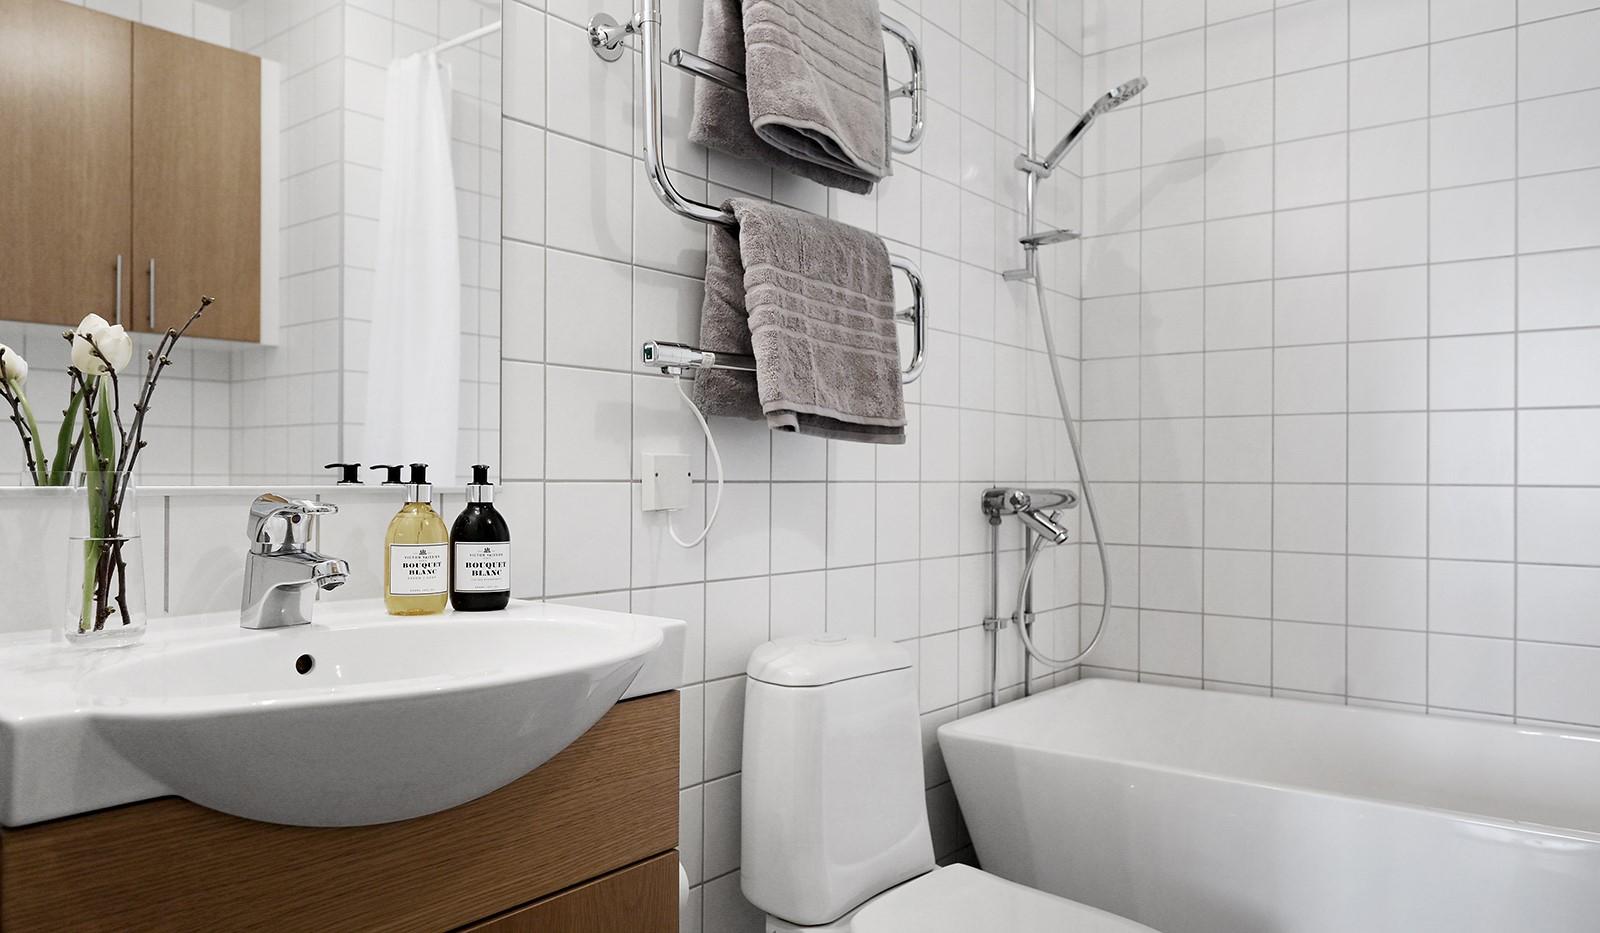 Hildebergsvägen 18, 4 tr - Helkaklat badrum med badkar